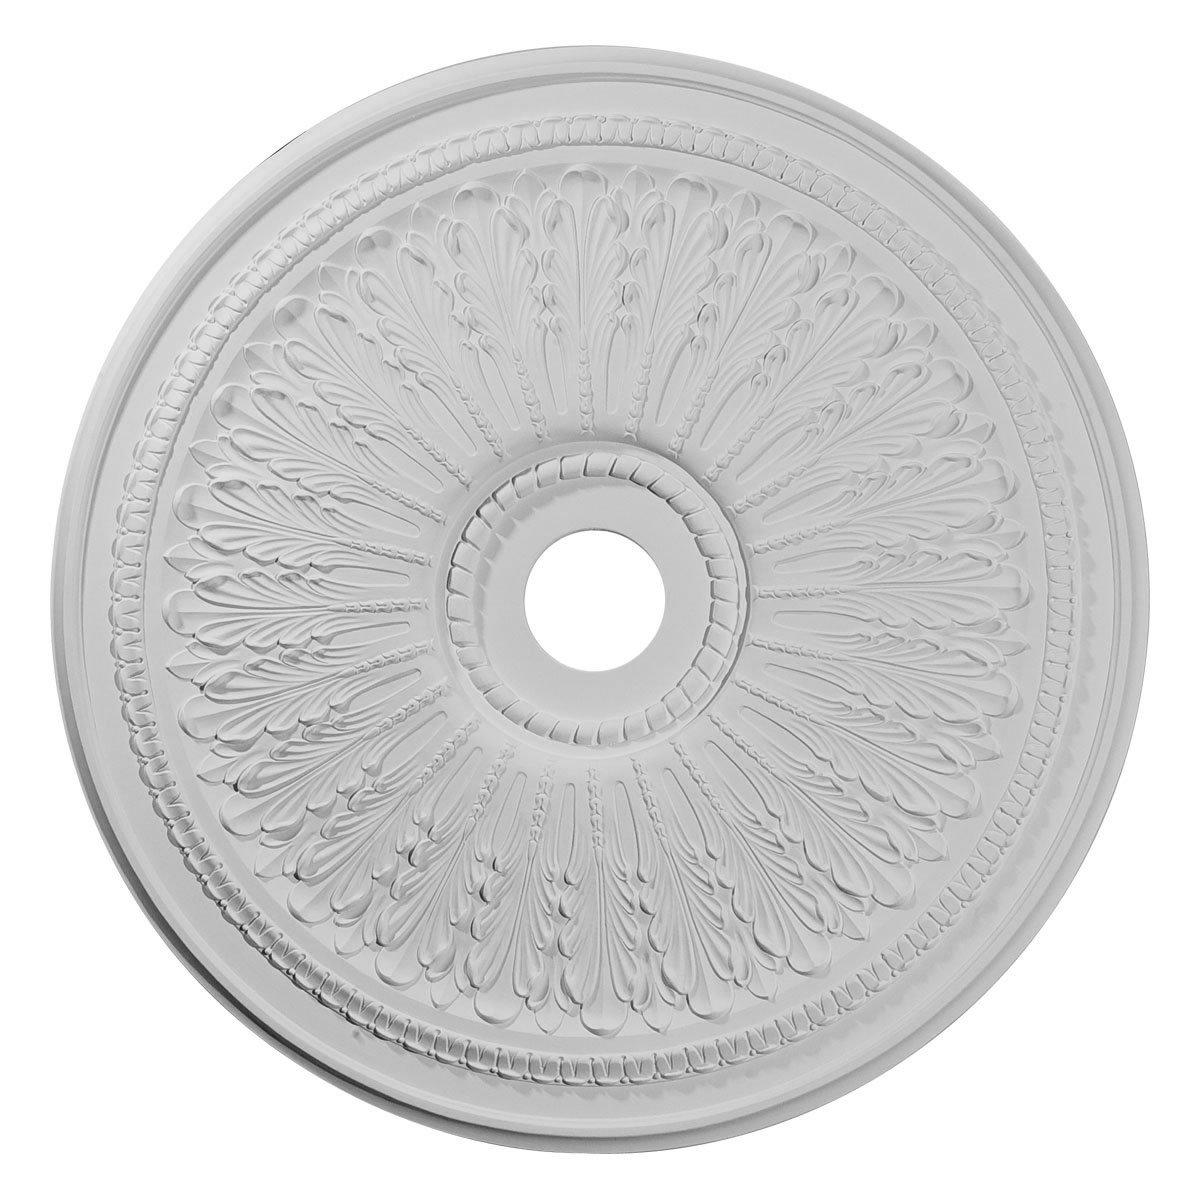 Ekena Millwork CM29OA 29 1/8-Inch OD x 3 5/8-Inch ID x 1-Inch P Oakleaf Ceiling Medallion